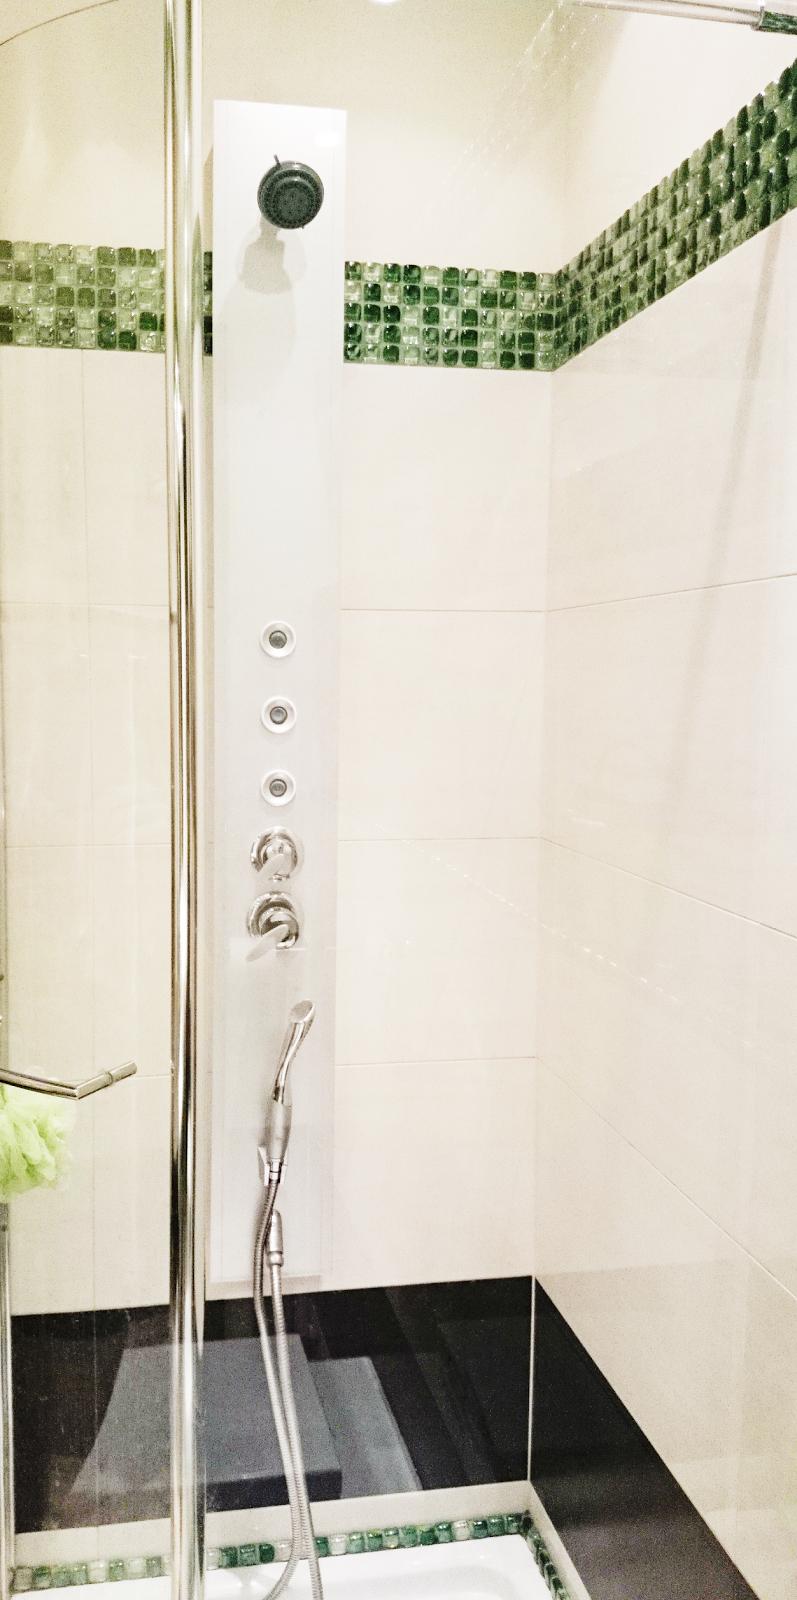 kabina walk in,wygodna kabina,łazienka w kolorach zieleni,zielona łazienka,moziaka w łazience,panel prysznicowy